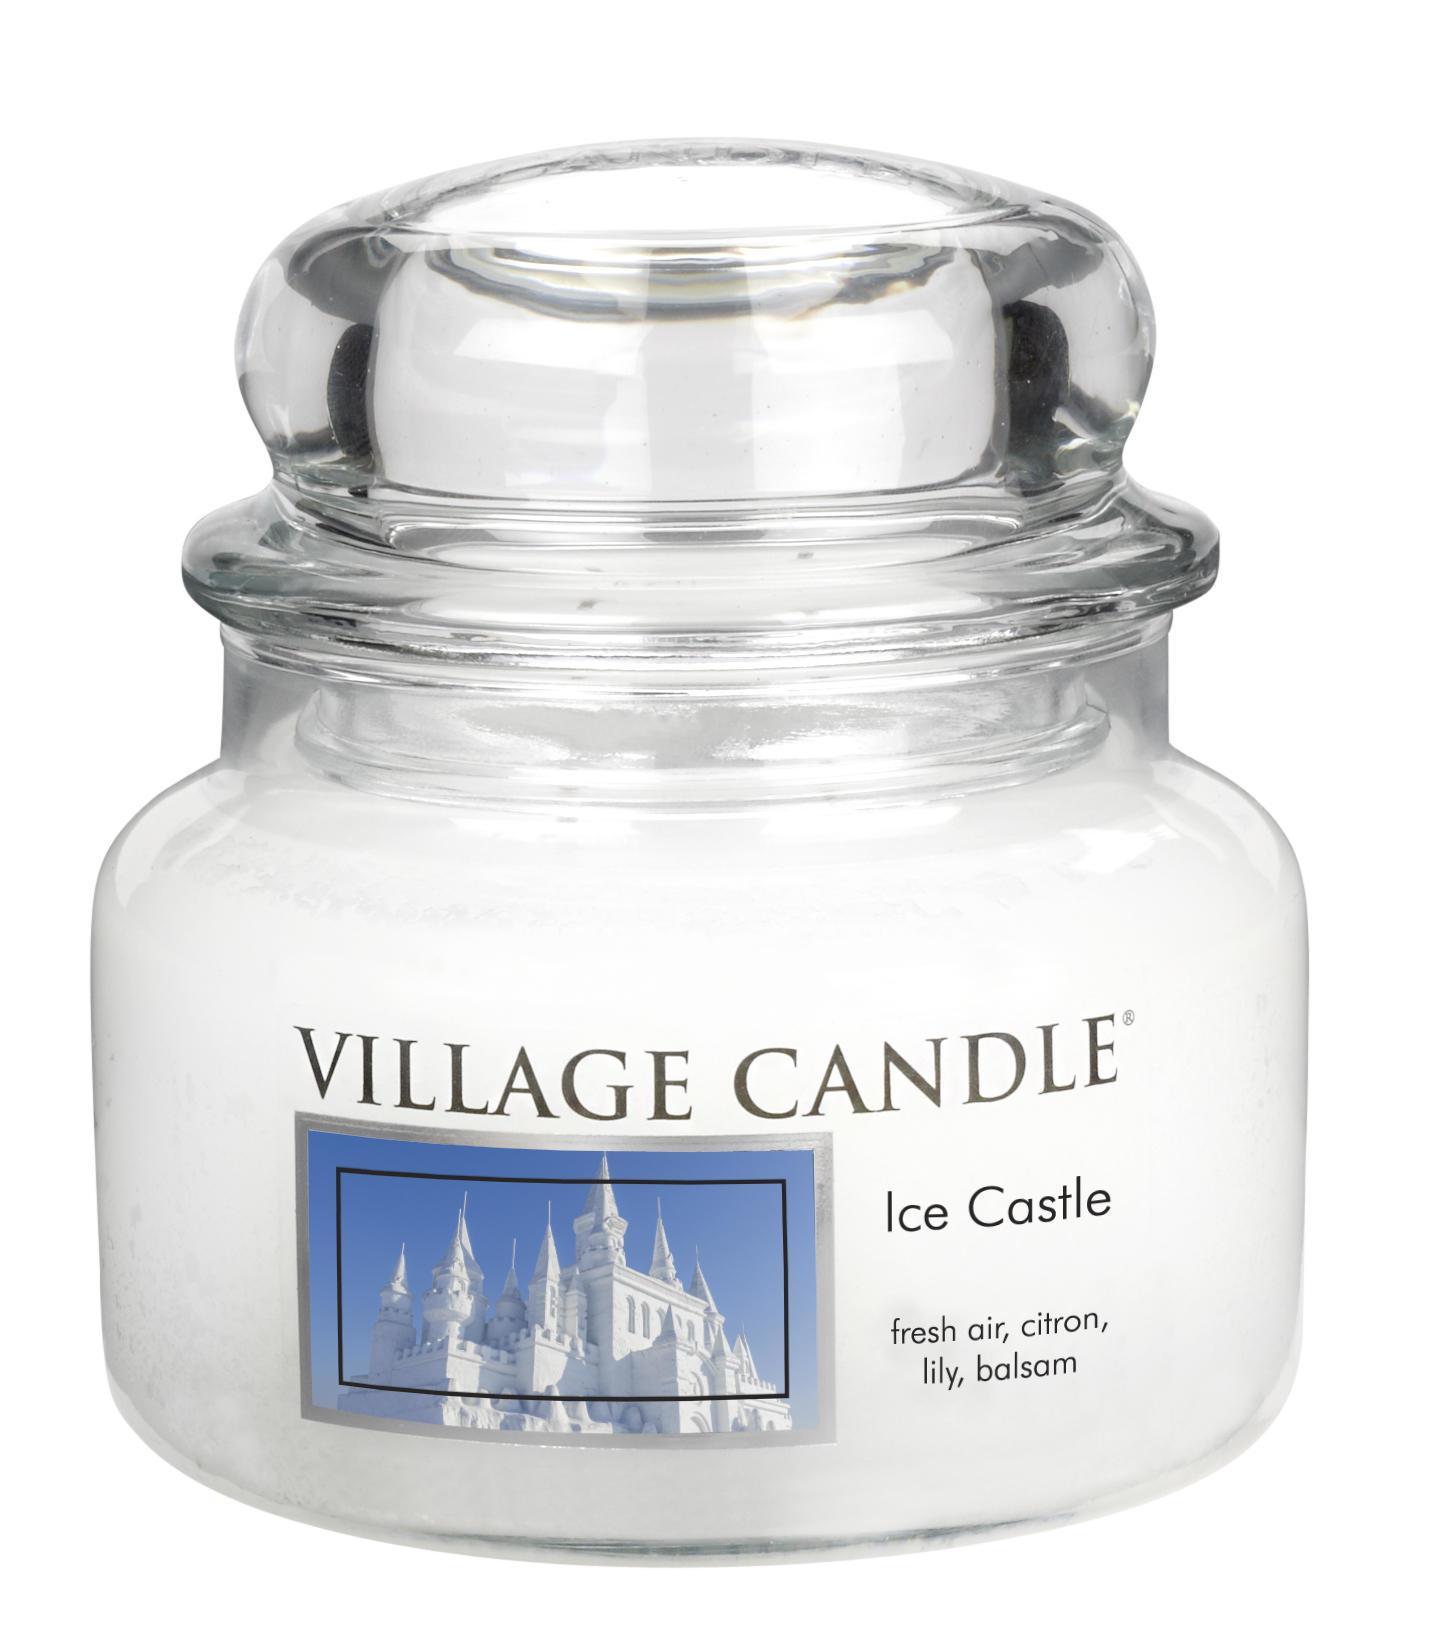 Village Candle Svíčka ve skle Ice Castle - malá, bílá barva, sklo, vosk